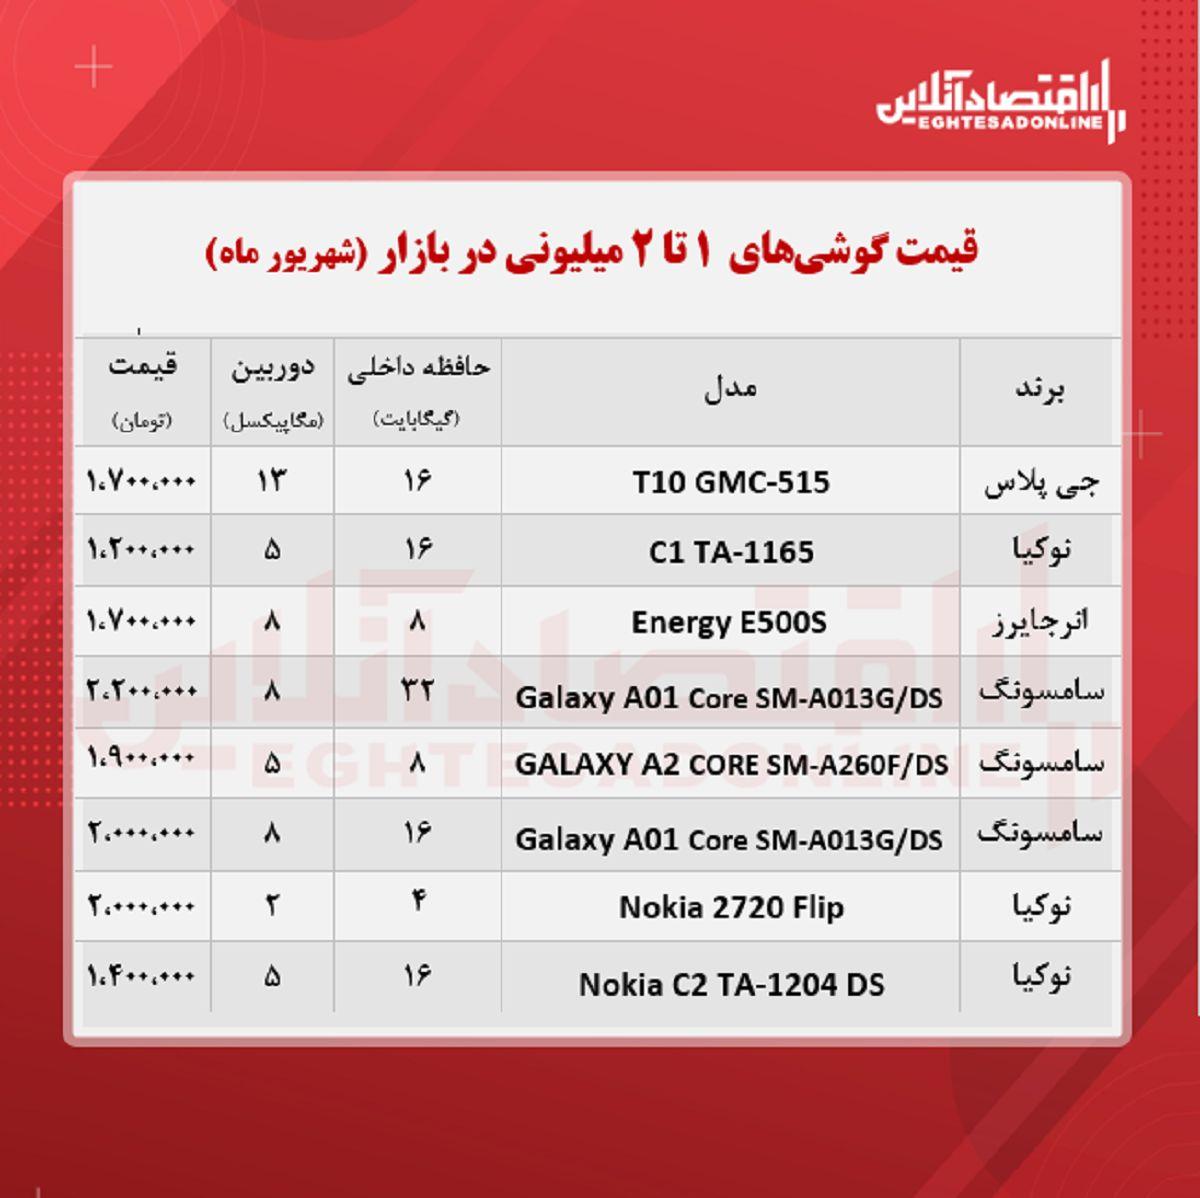 قیمت گوشی (محدوده ۲ میلیون تومان)